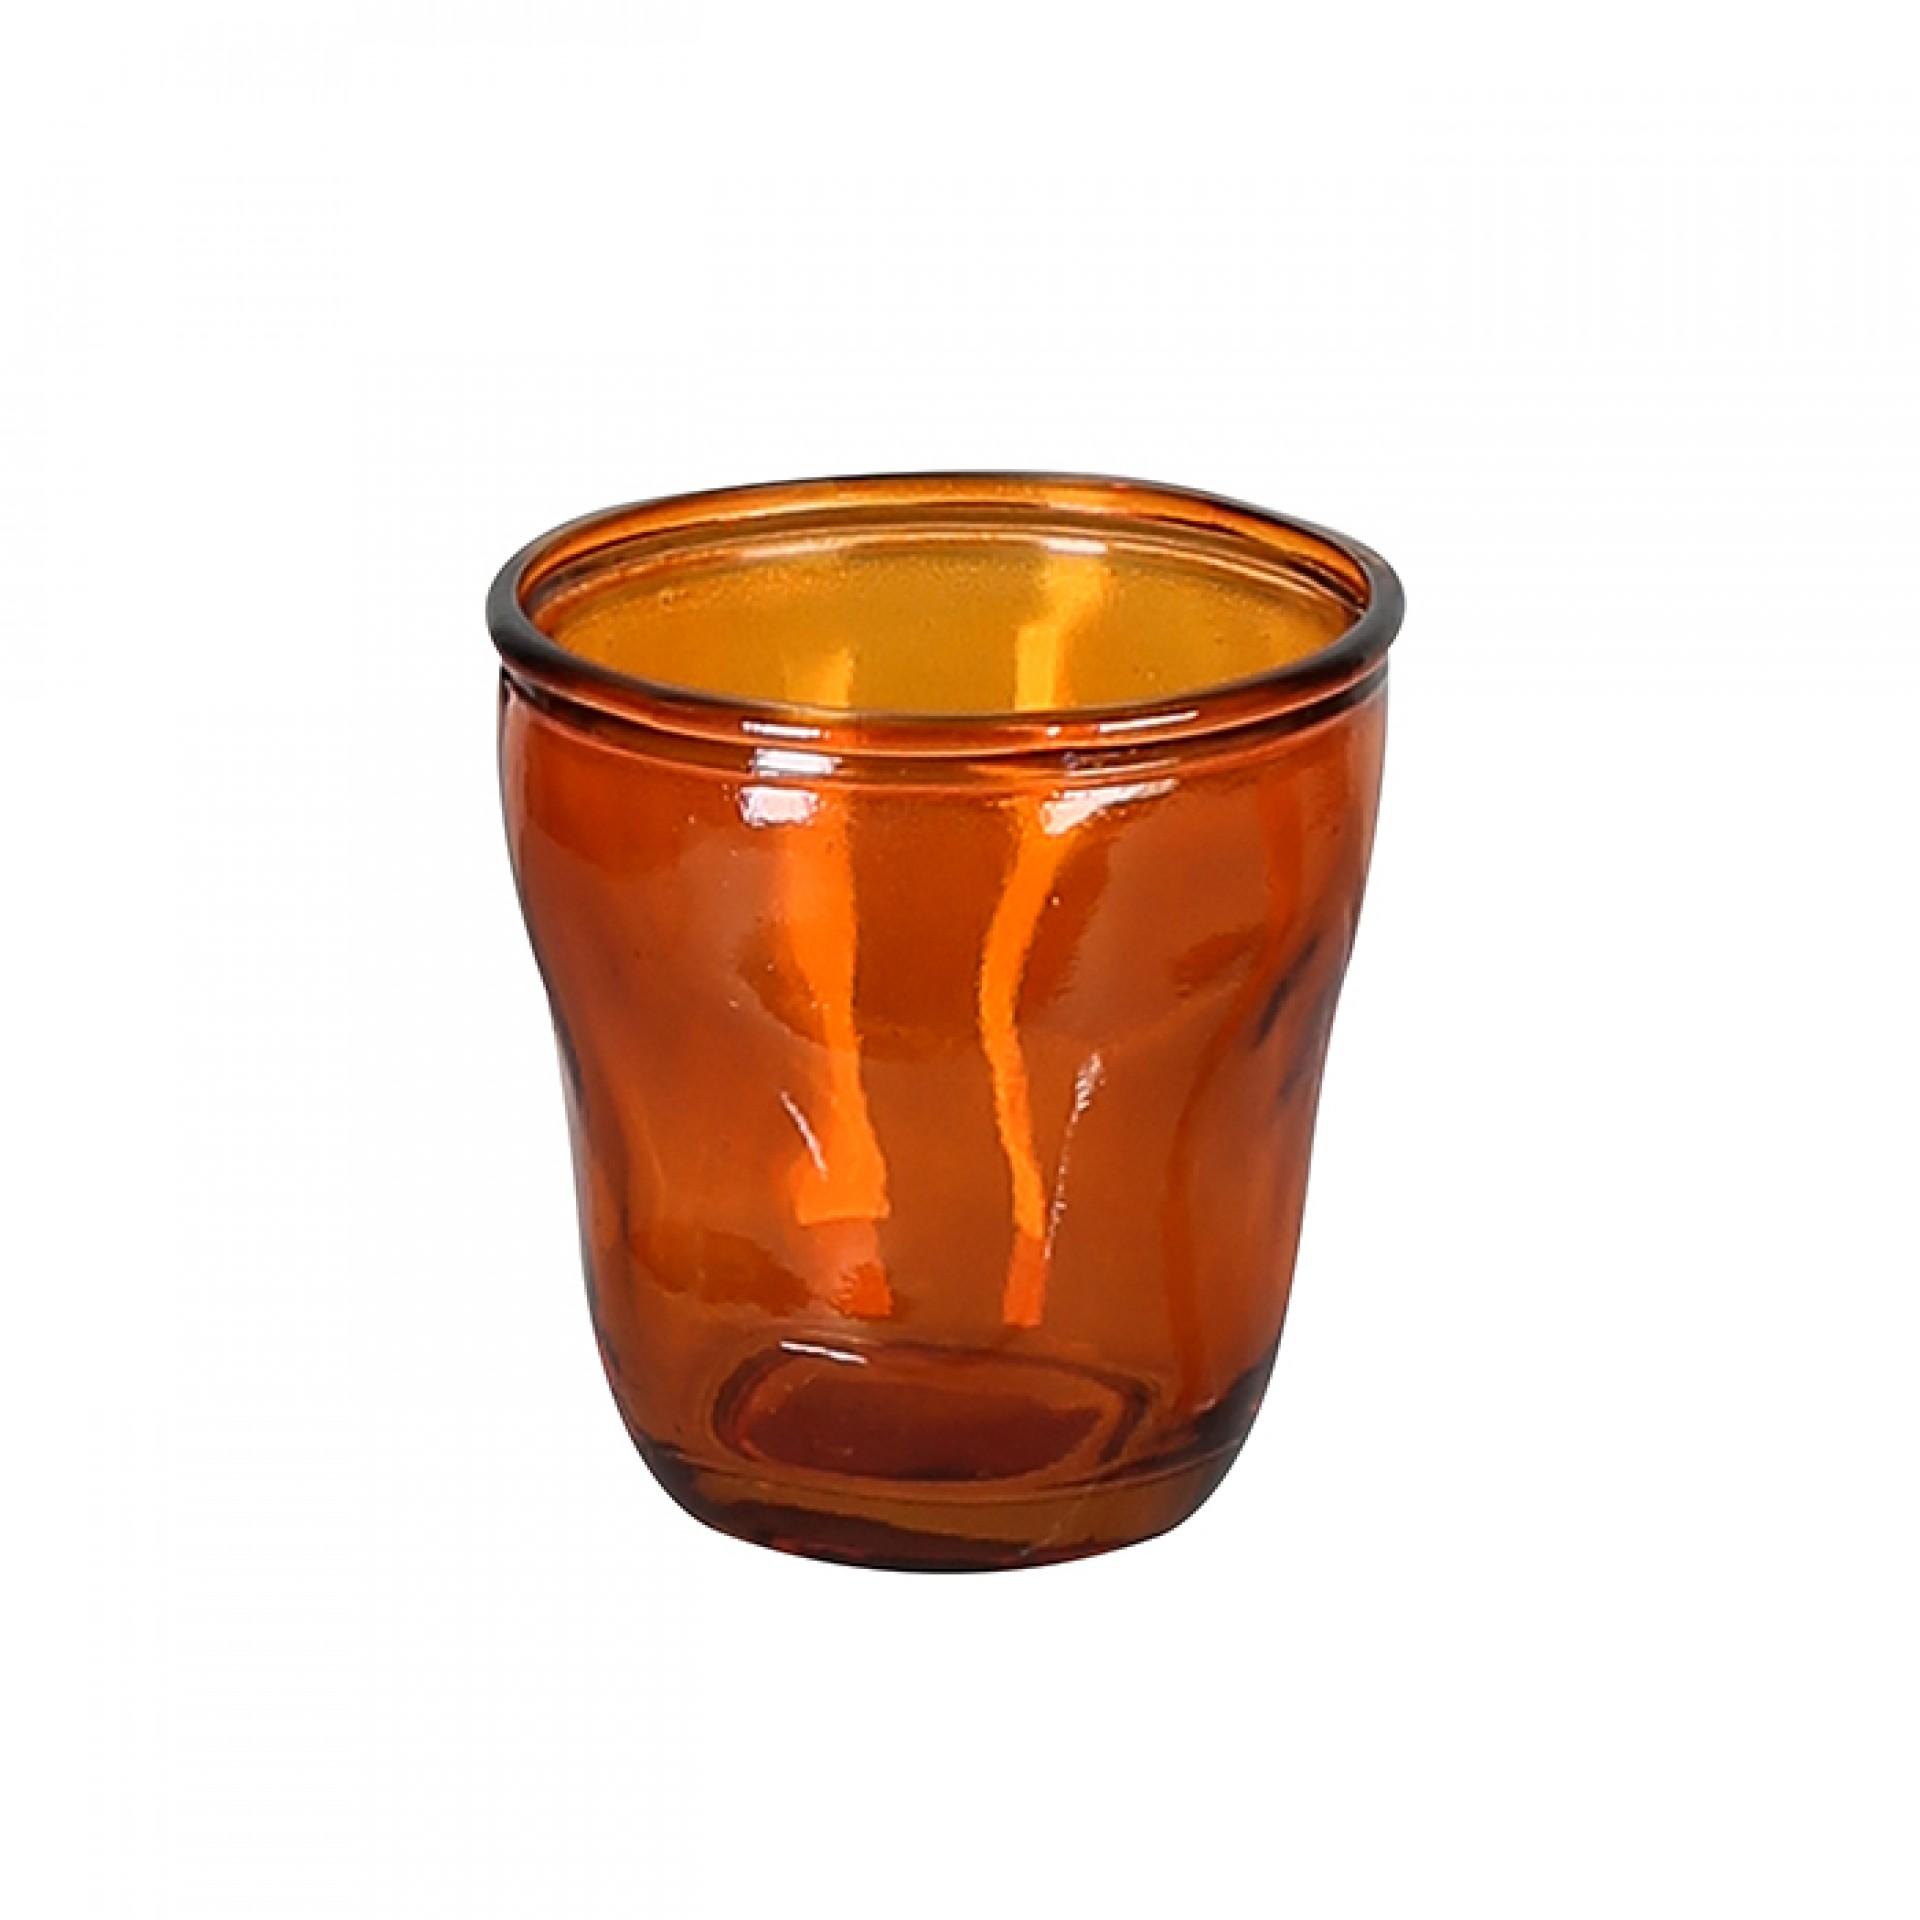 Čajový svícen z recyklovaného skla Gerona, 9 cm, oranžová